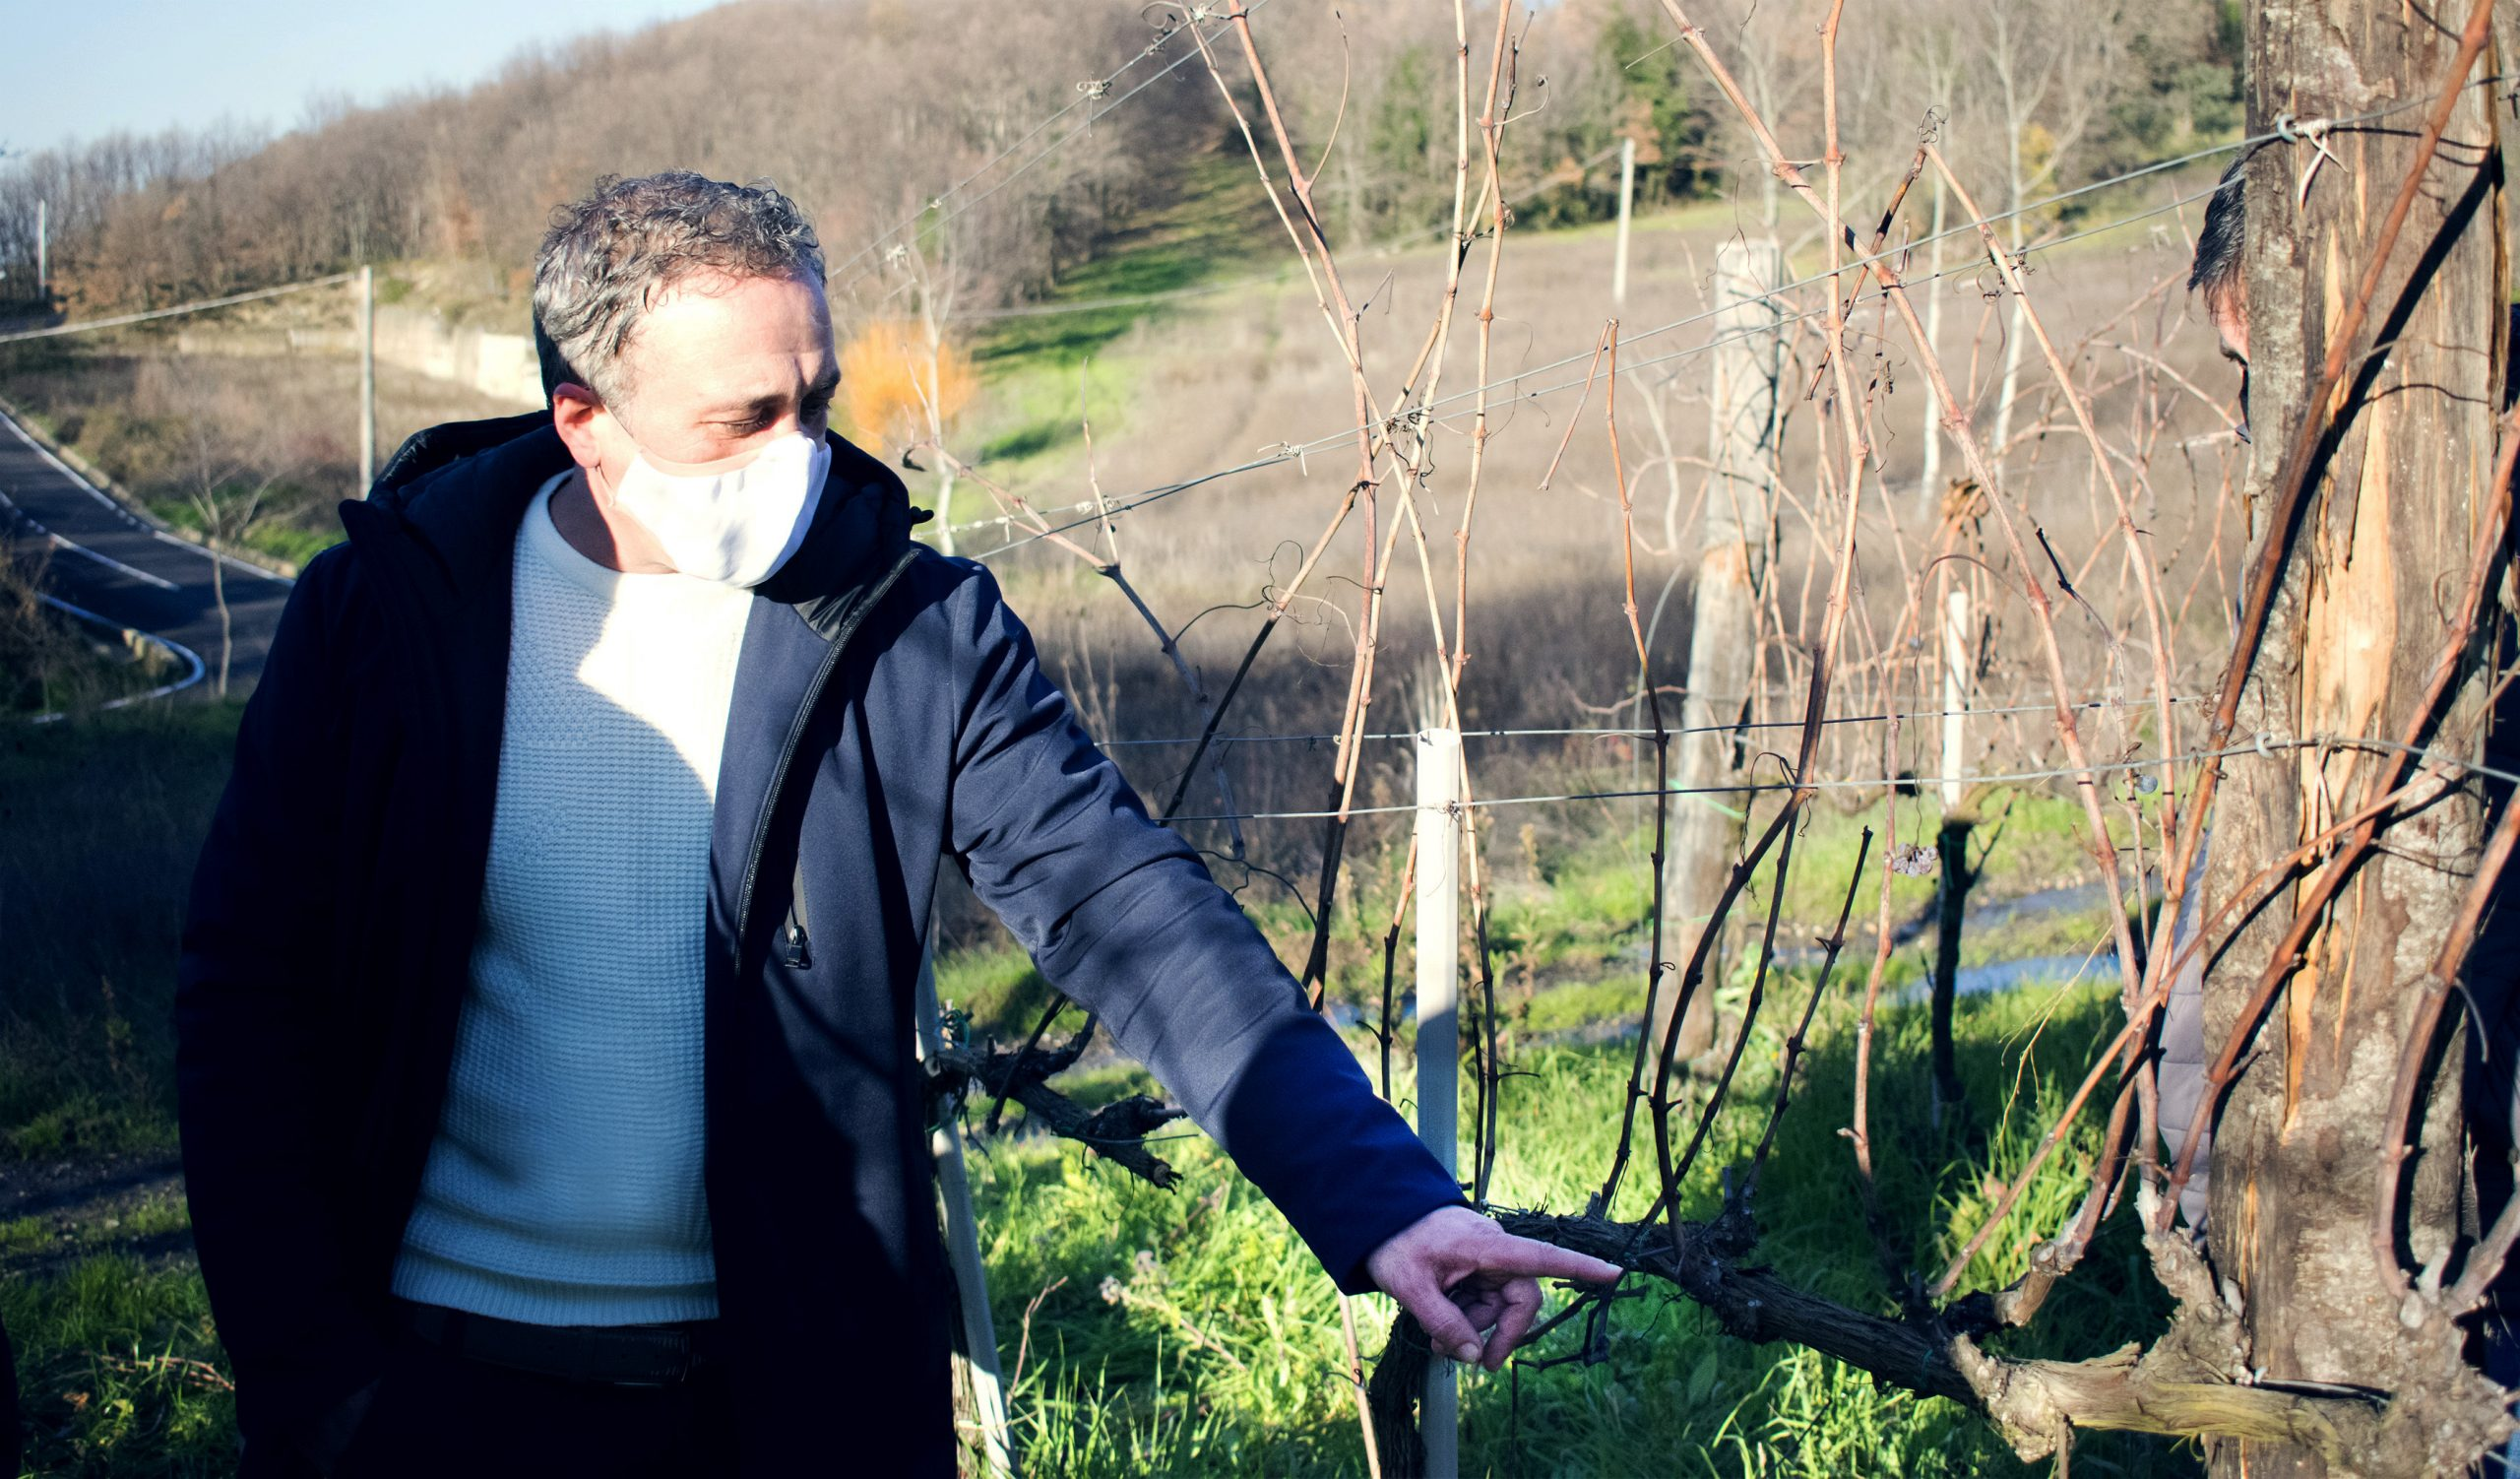 Irpinia| Via libera ai corsi di potatura anticovid, Di Marzo: investire sulla qualità dei vini la risposta ai prezzi al ribasso